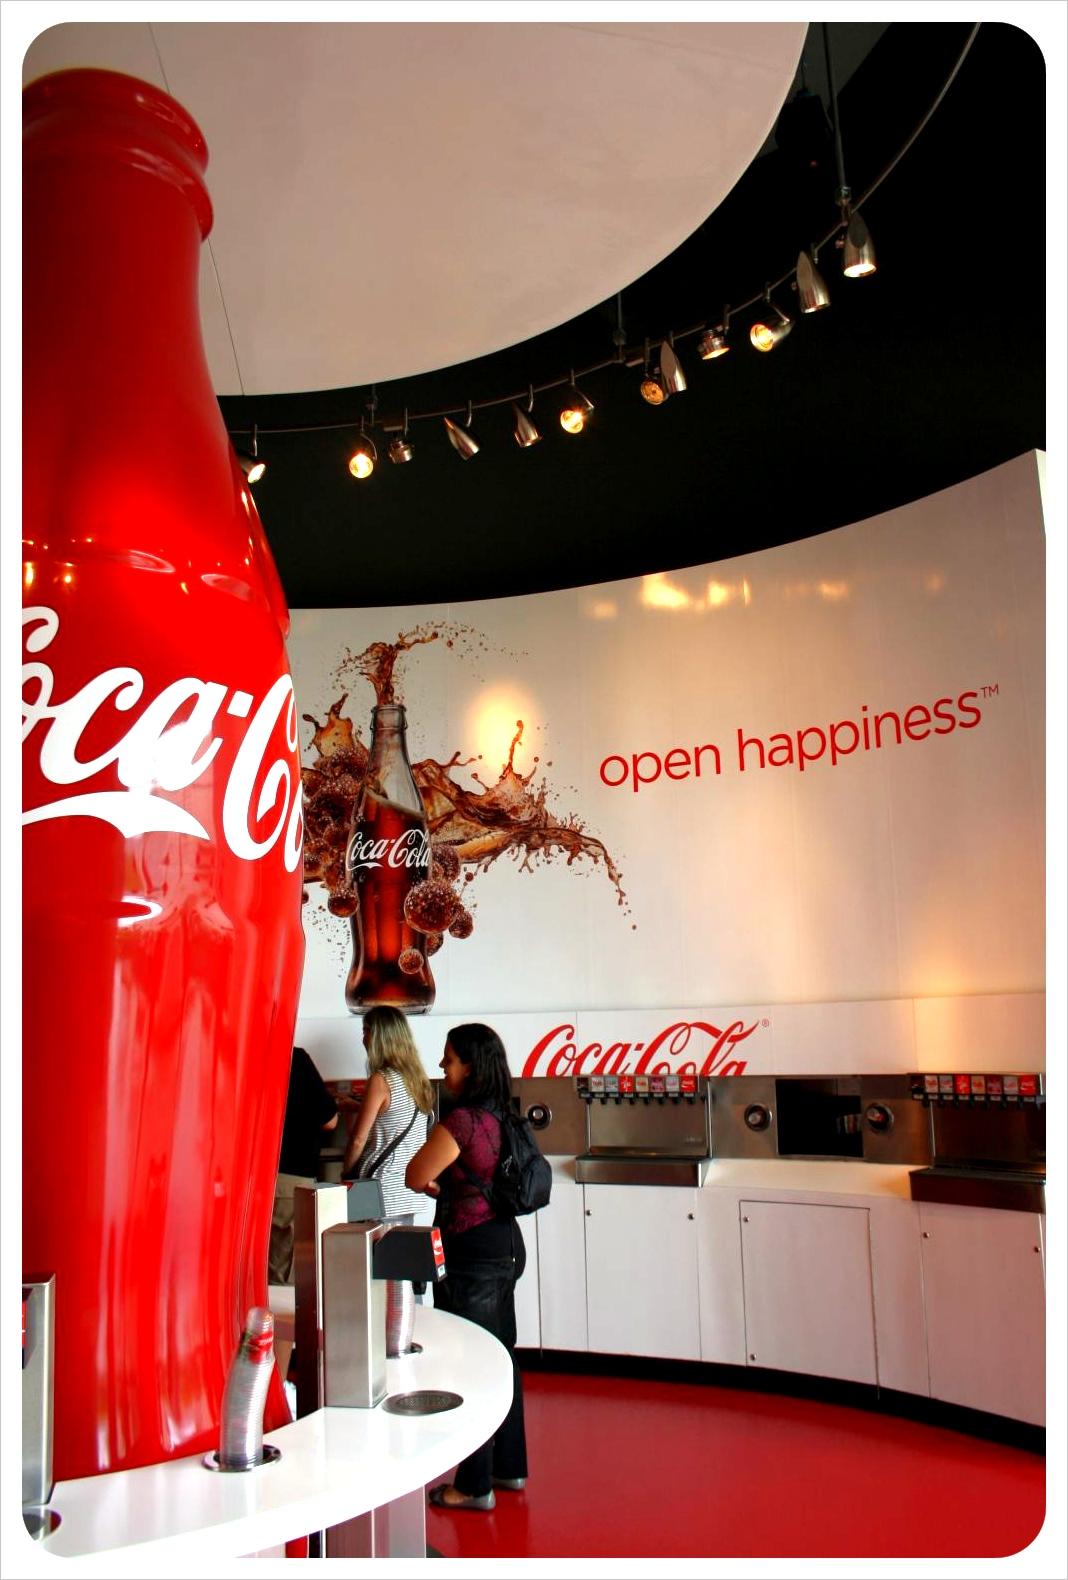 World of coke tasting room